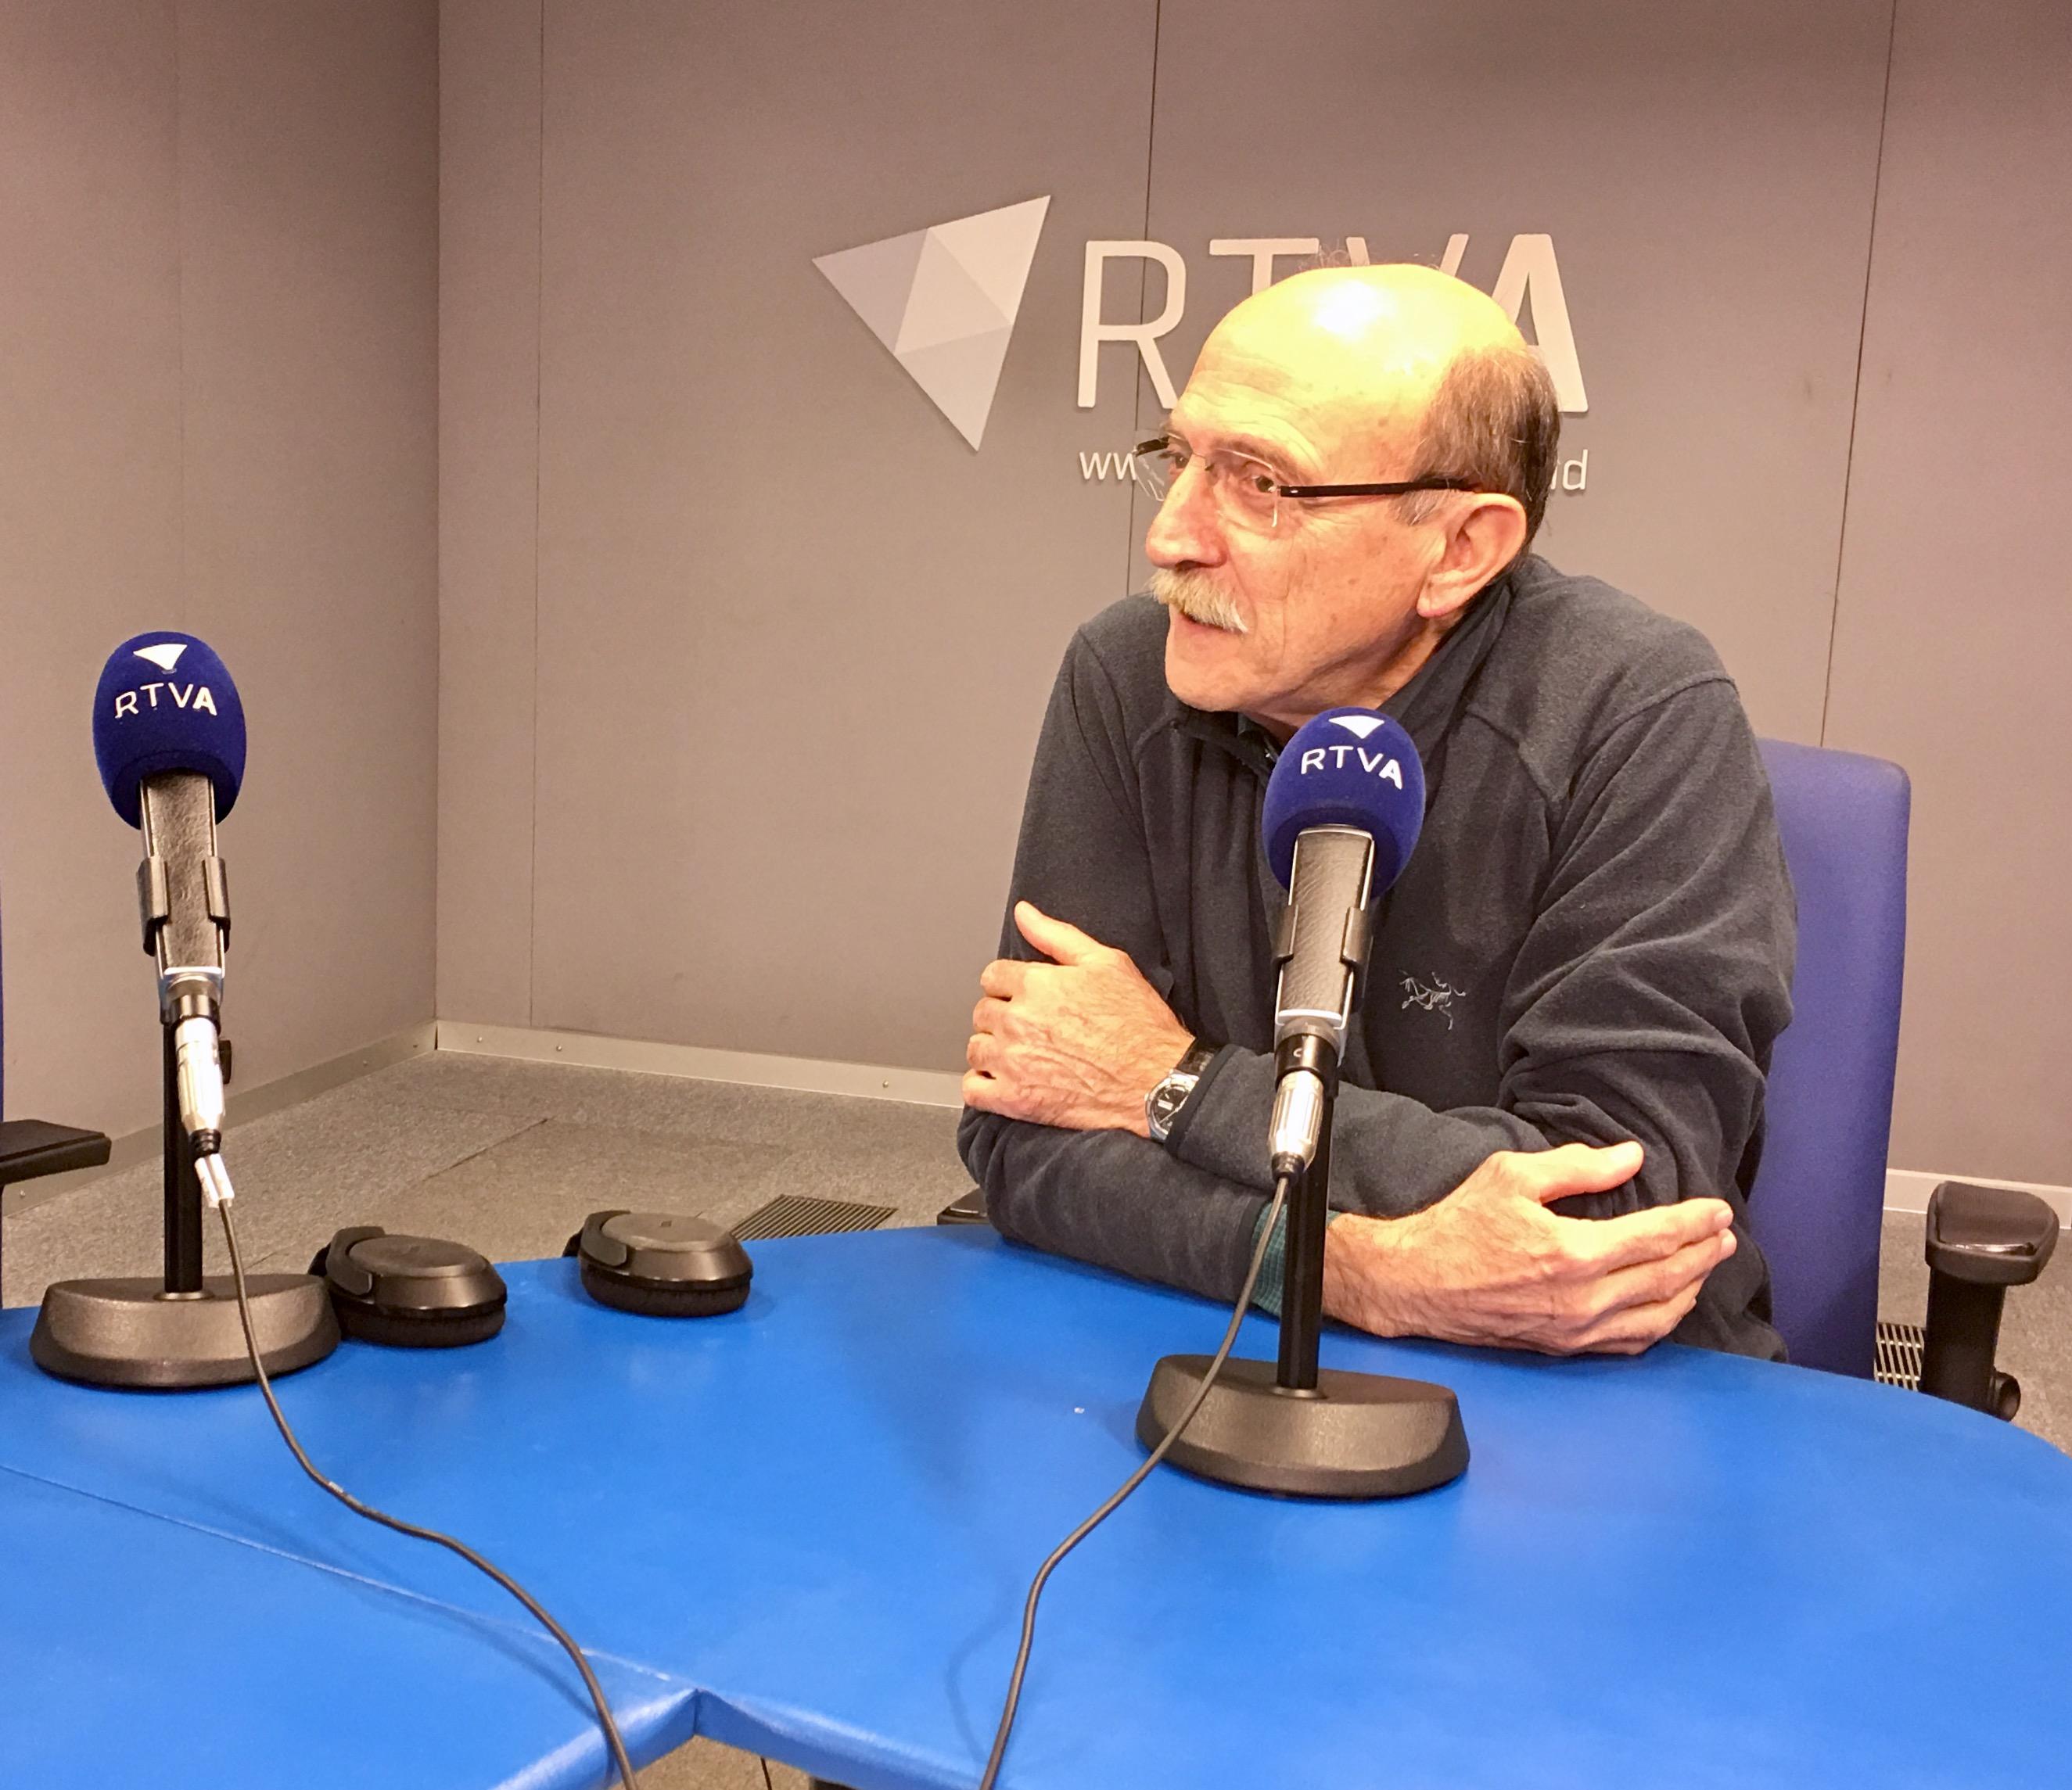 Un dels mossos que acompanyava Puigdemont és nebot d'un exministre andorrà